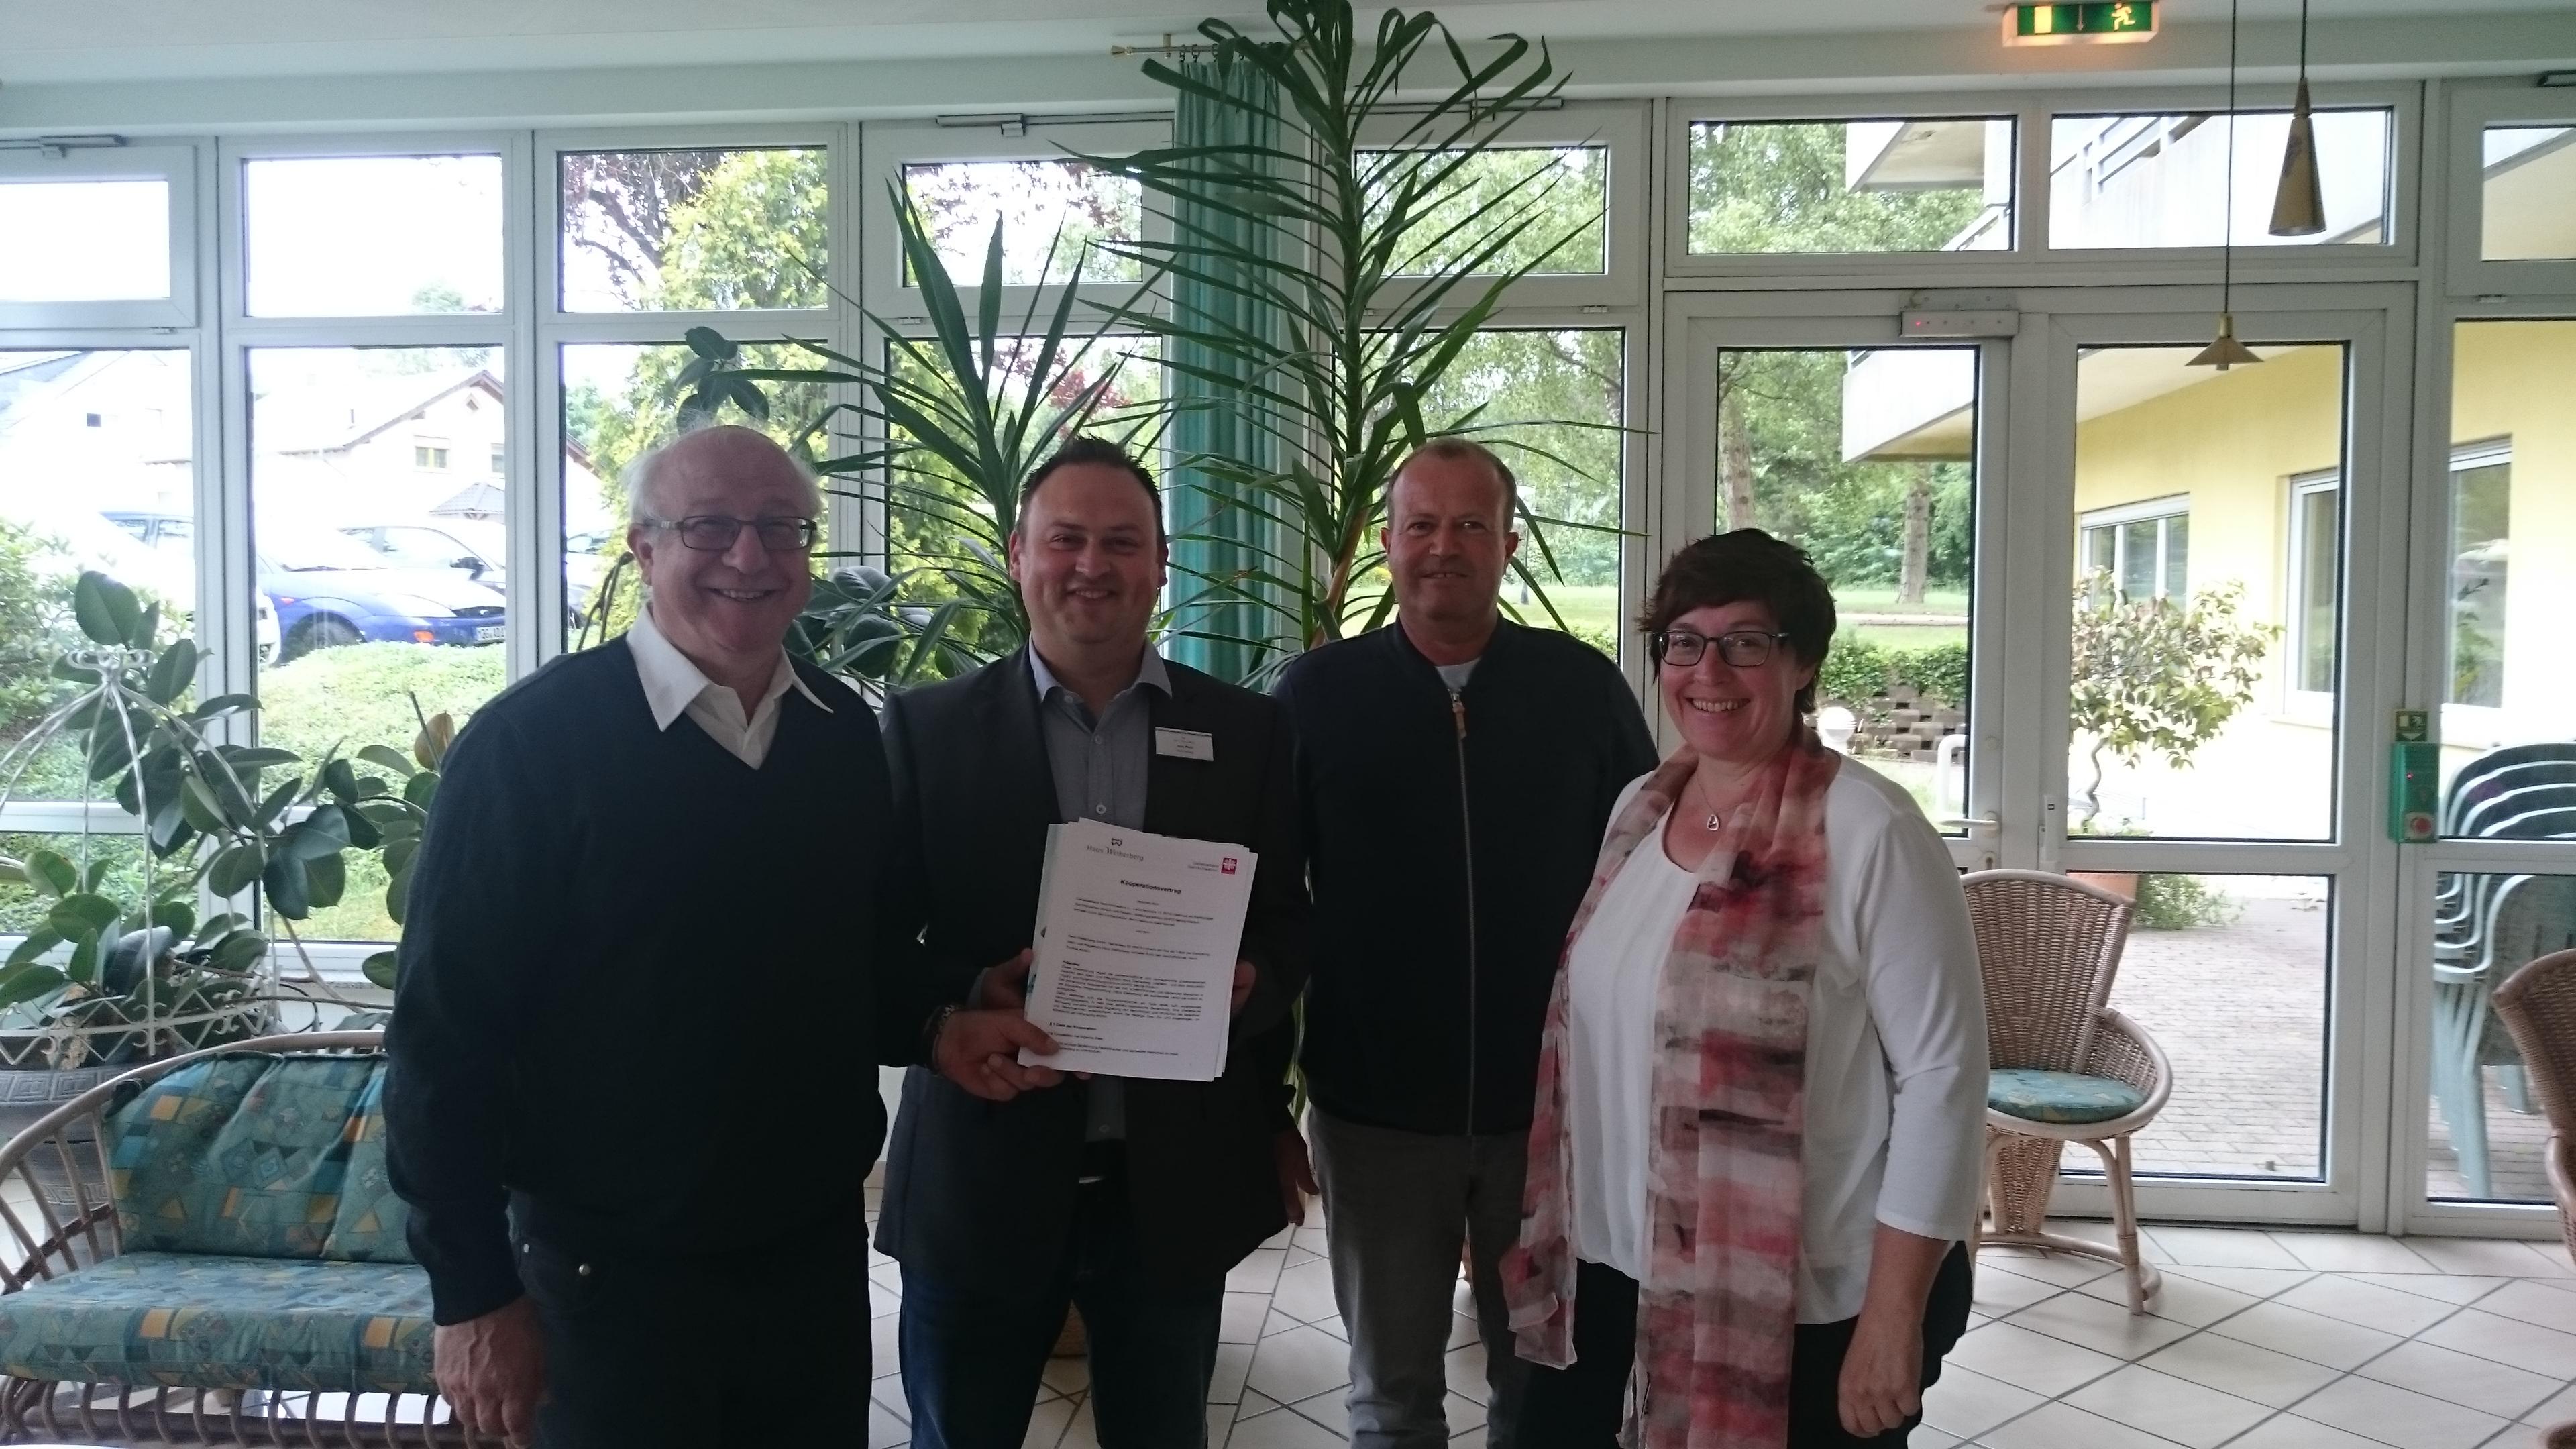 Caritas und Haus Weiherberg in Losheim am See kooperieren bei der Hospizbegleitung